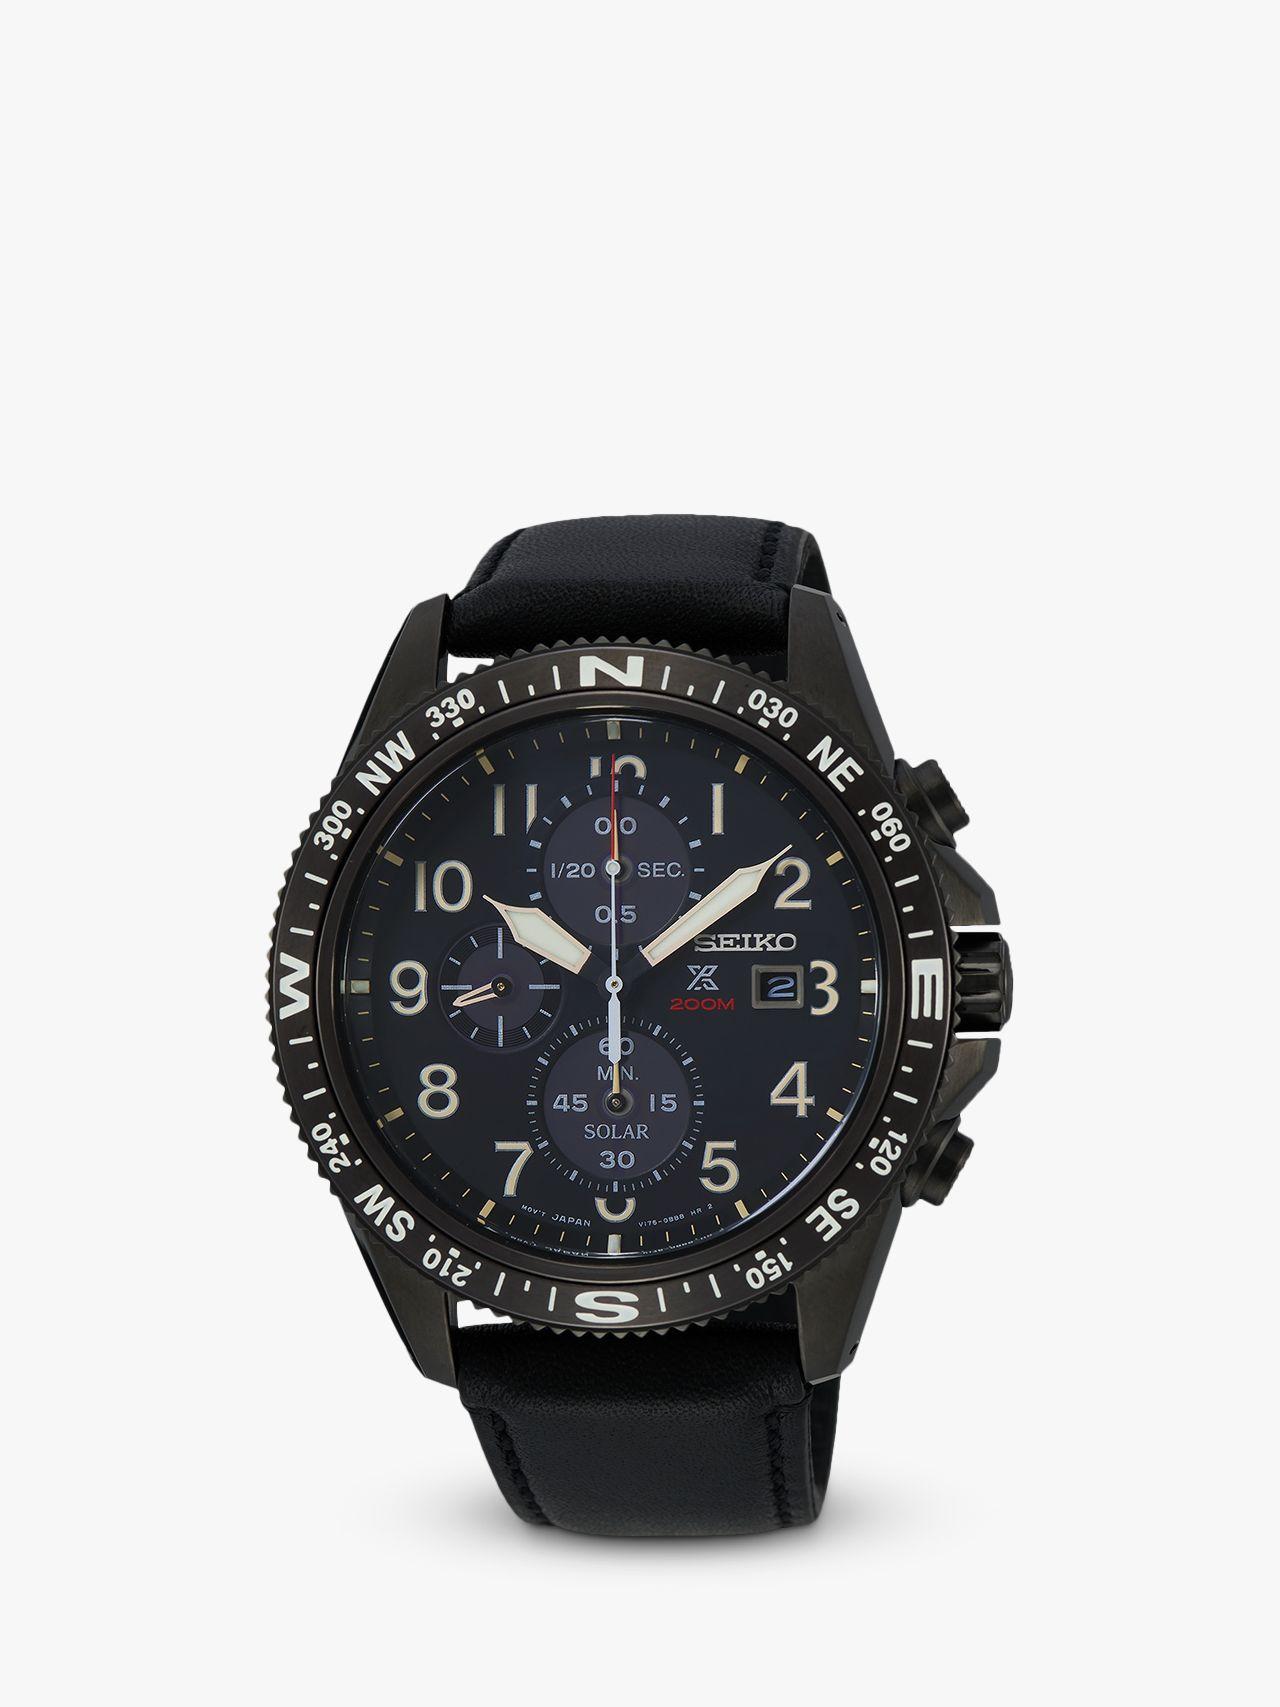 Seiko Seiko SSC707P1 Men's Prospex Land Solar Chronograph Leather Strap Watch, Black